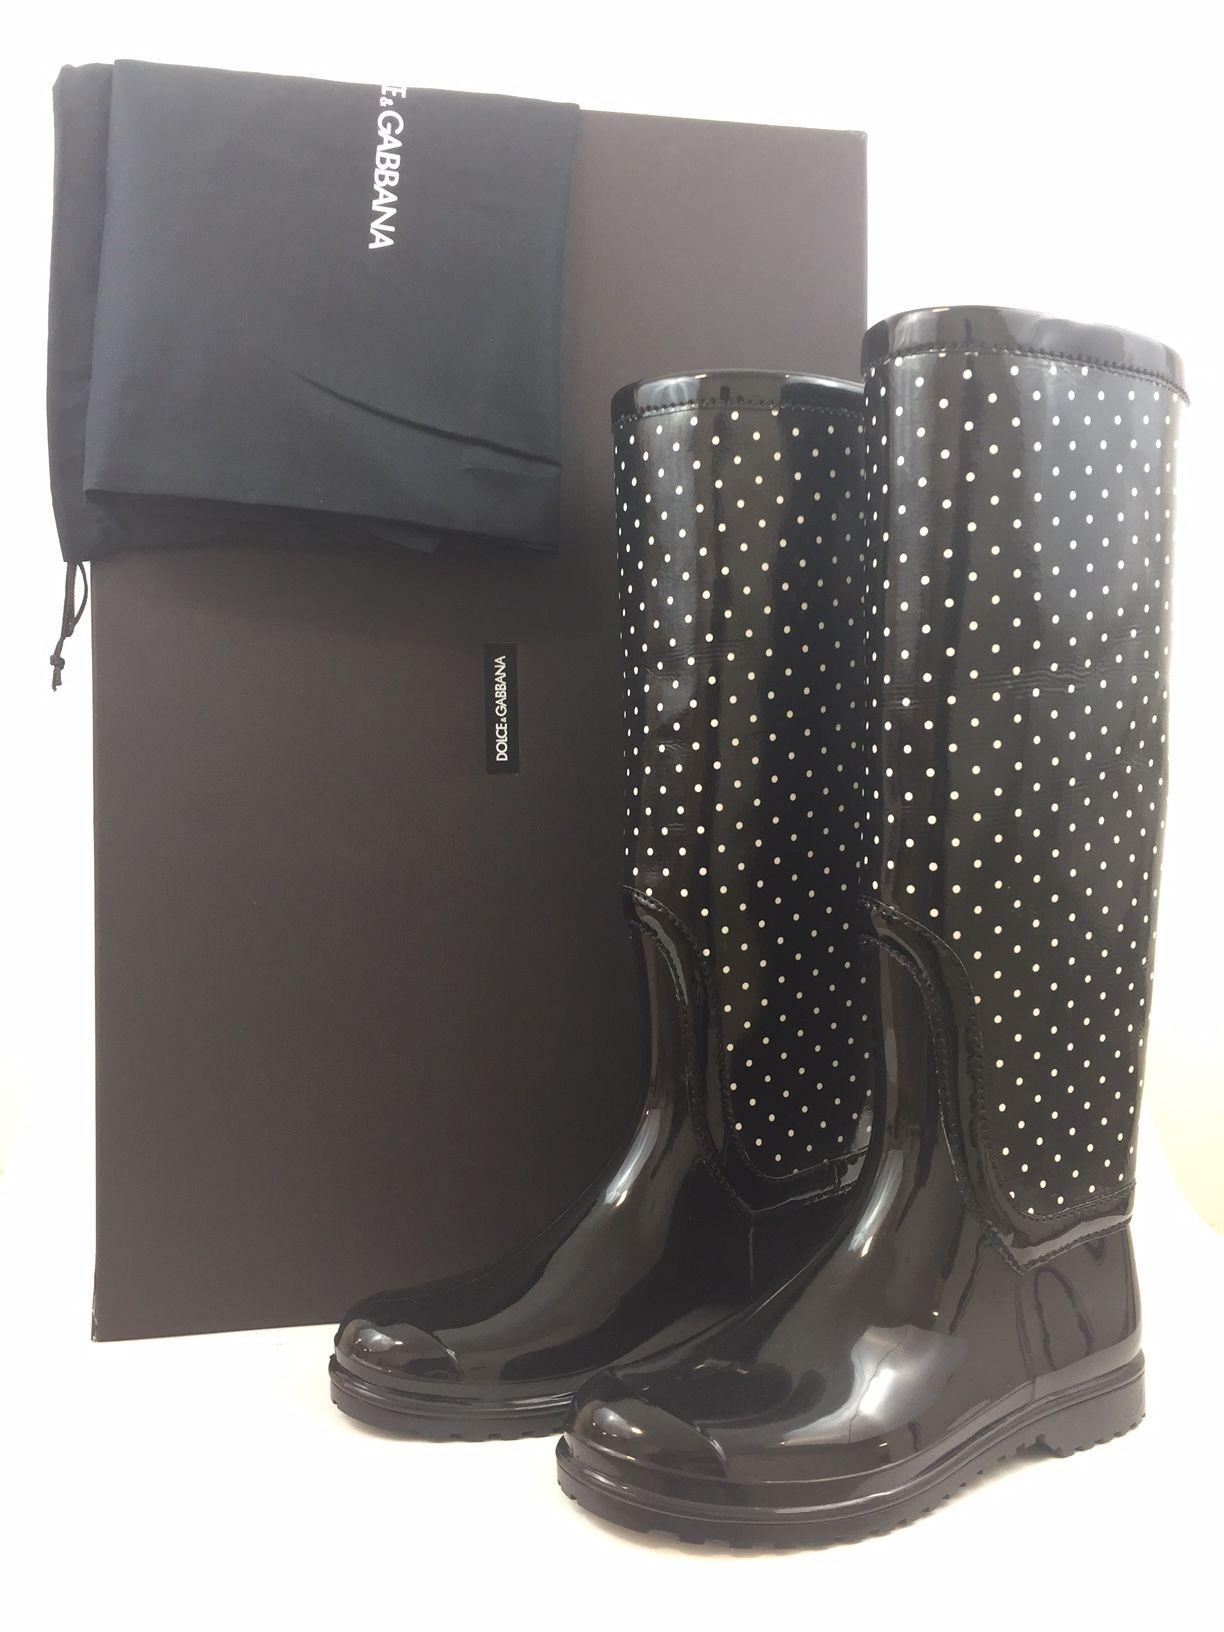 Dolce--Gabbana-Rain-Boots.-St-Pois-Bianco-Nero-Black-w-White-Polka-Dot.-Rubber_226693A.jpg